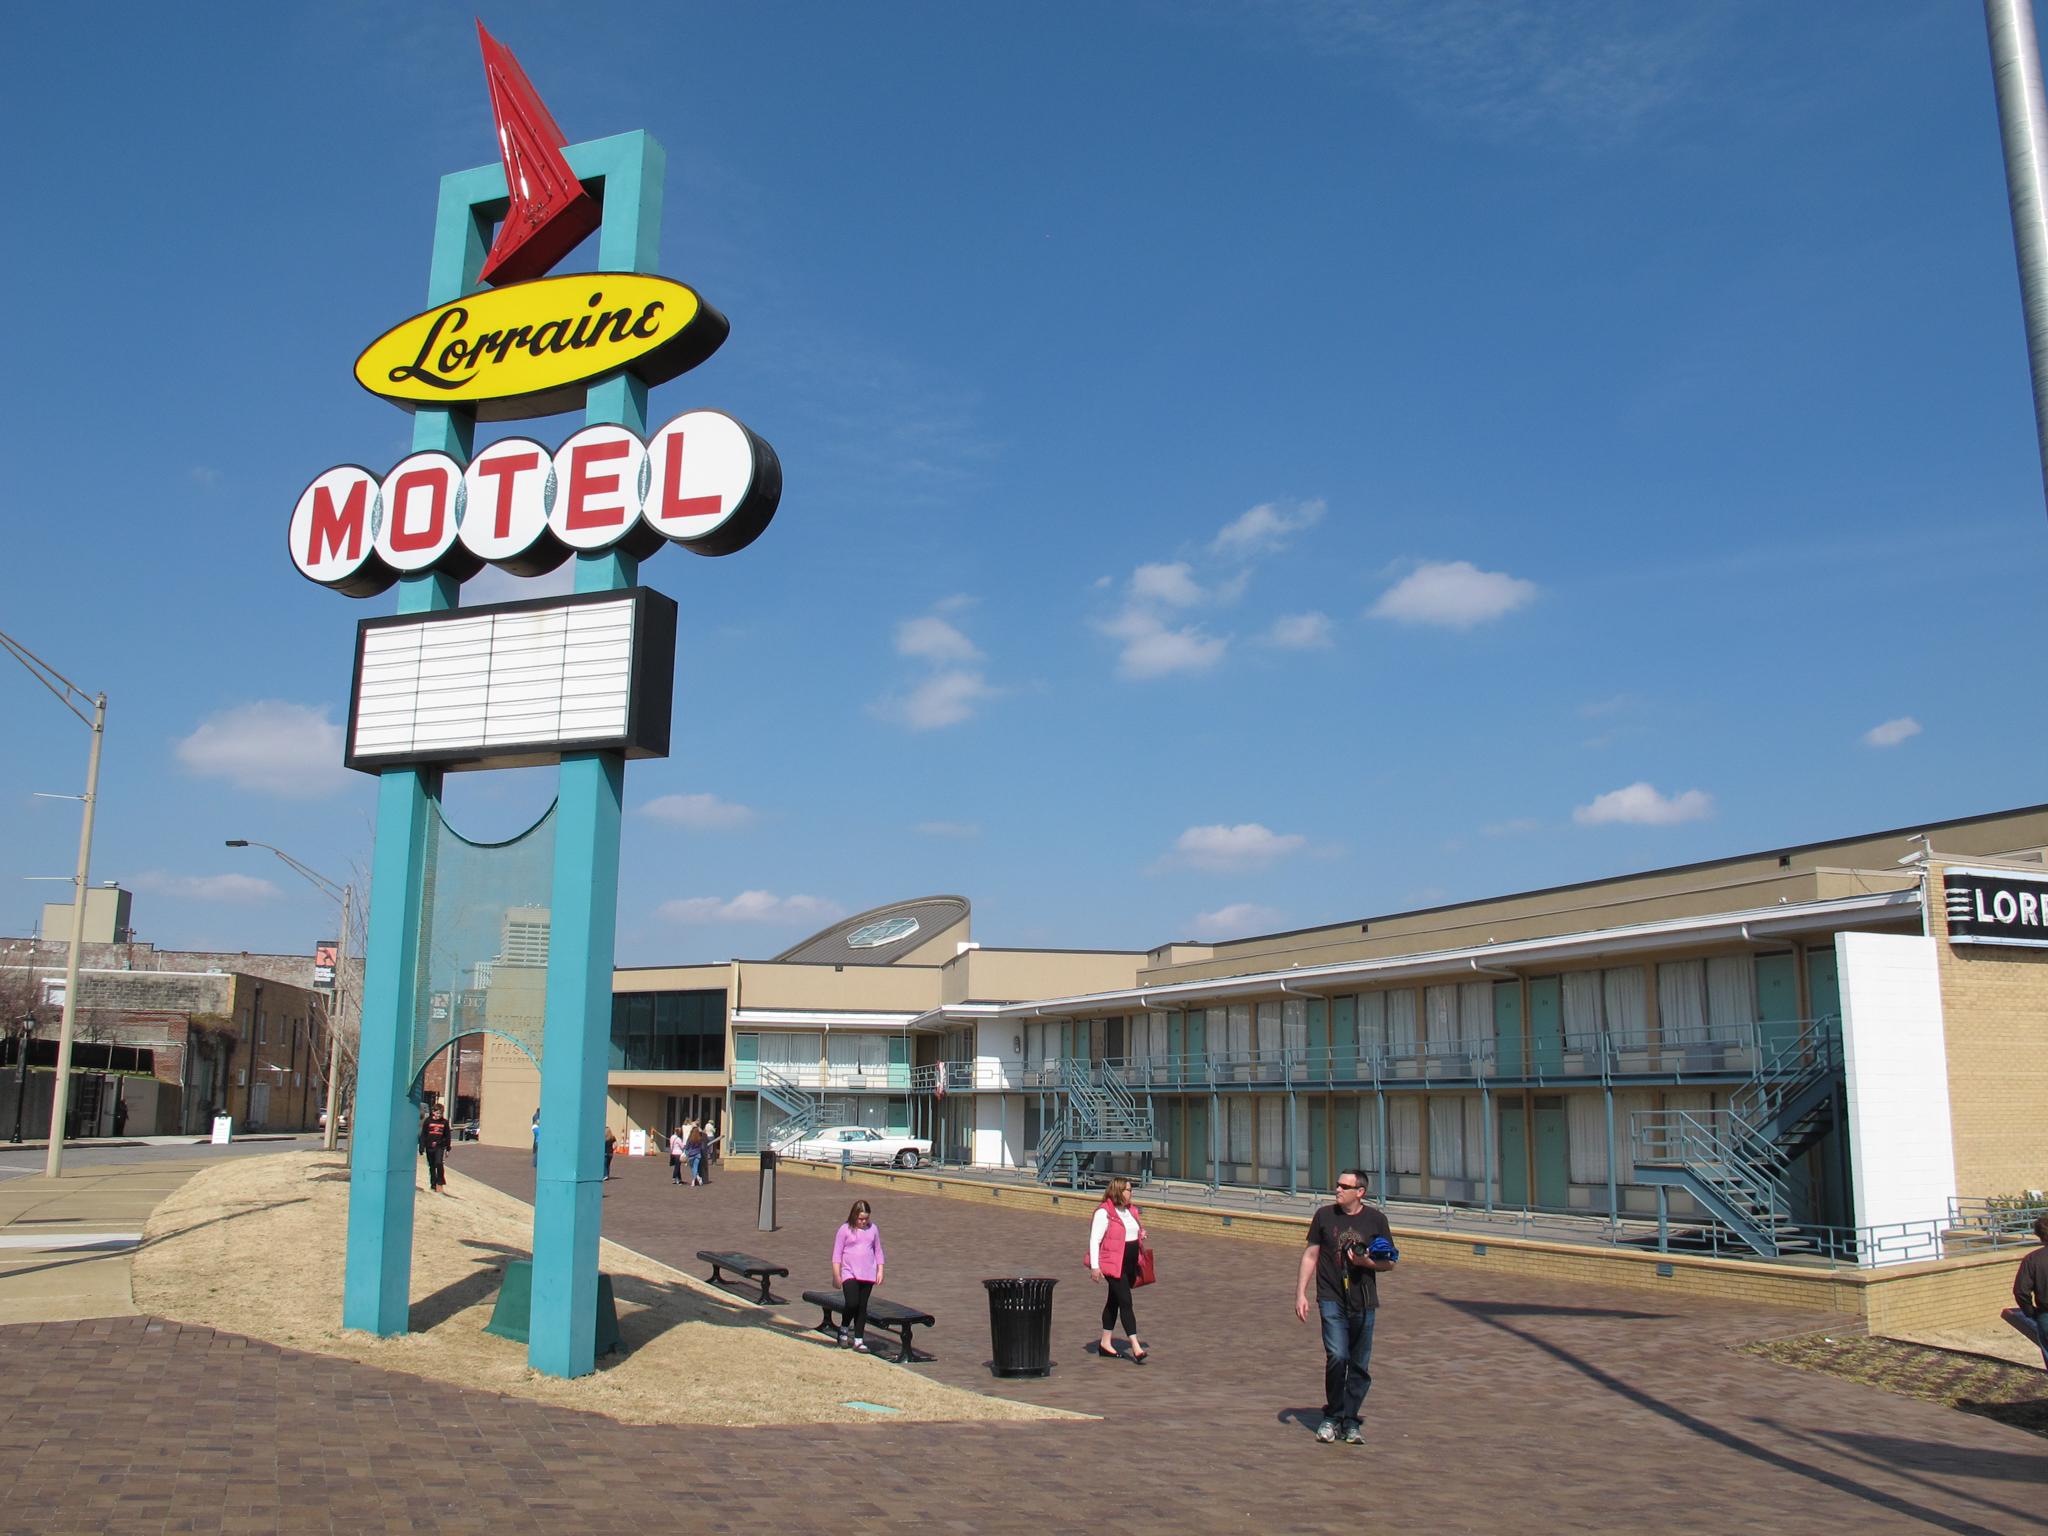 Cartel que dice 'Lorraine Motel' y edificios (© Adrian Sainz/AP Images)